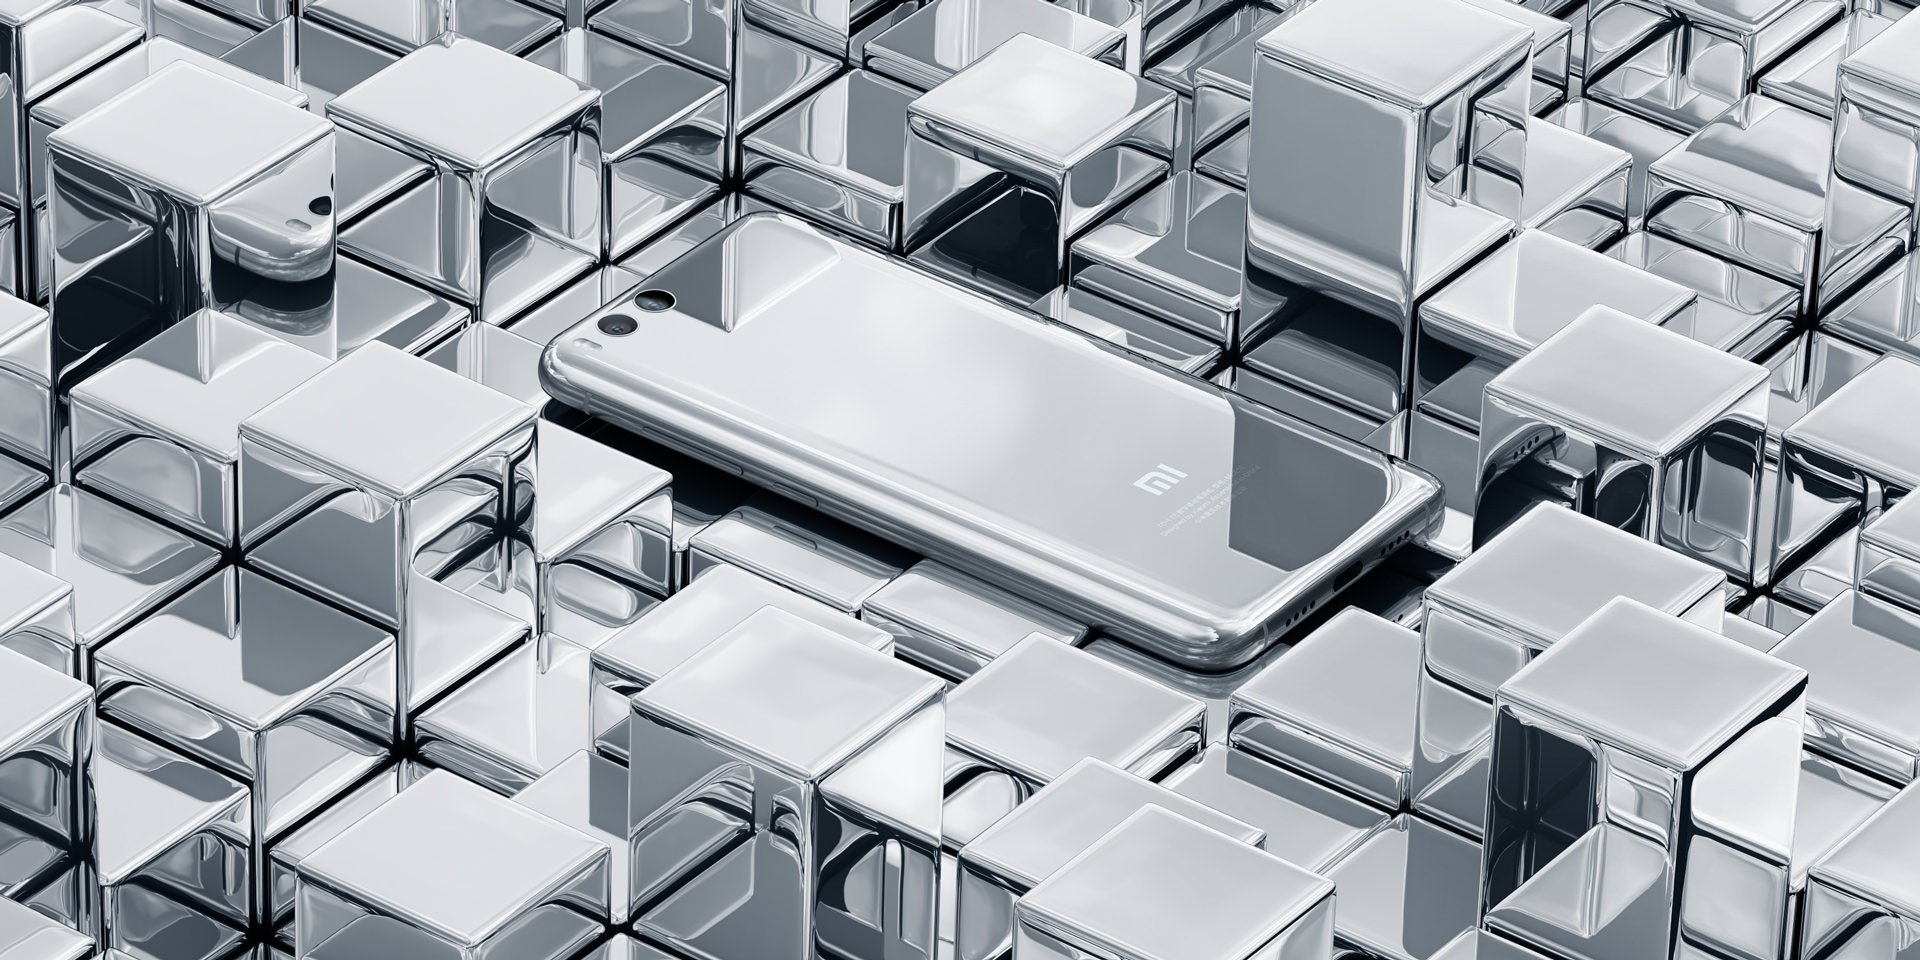 Xiaomi Mi 7 : la fiche technique se précise, une version Plus à l'horizon